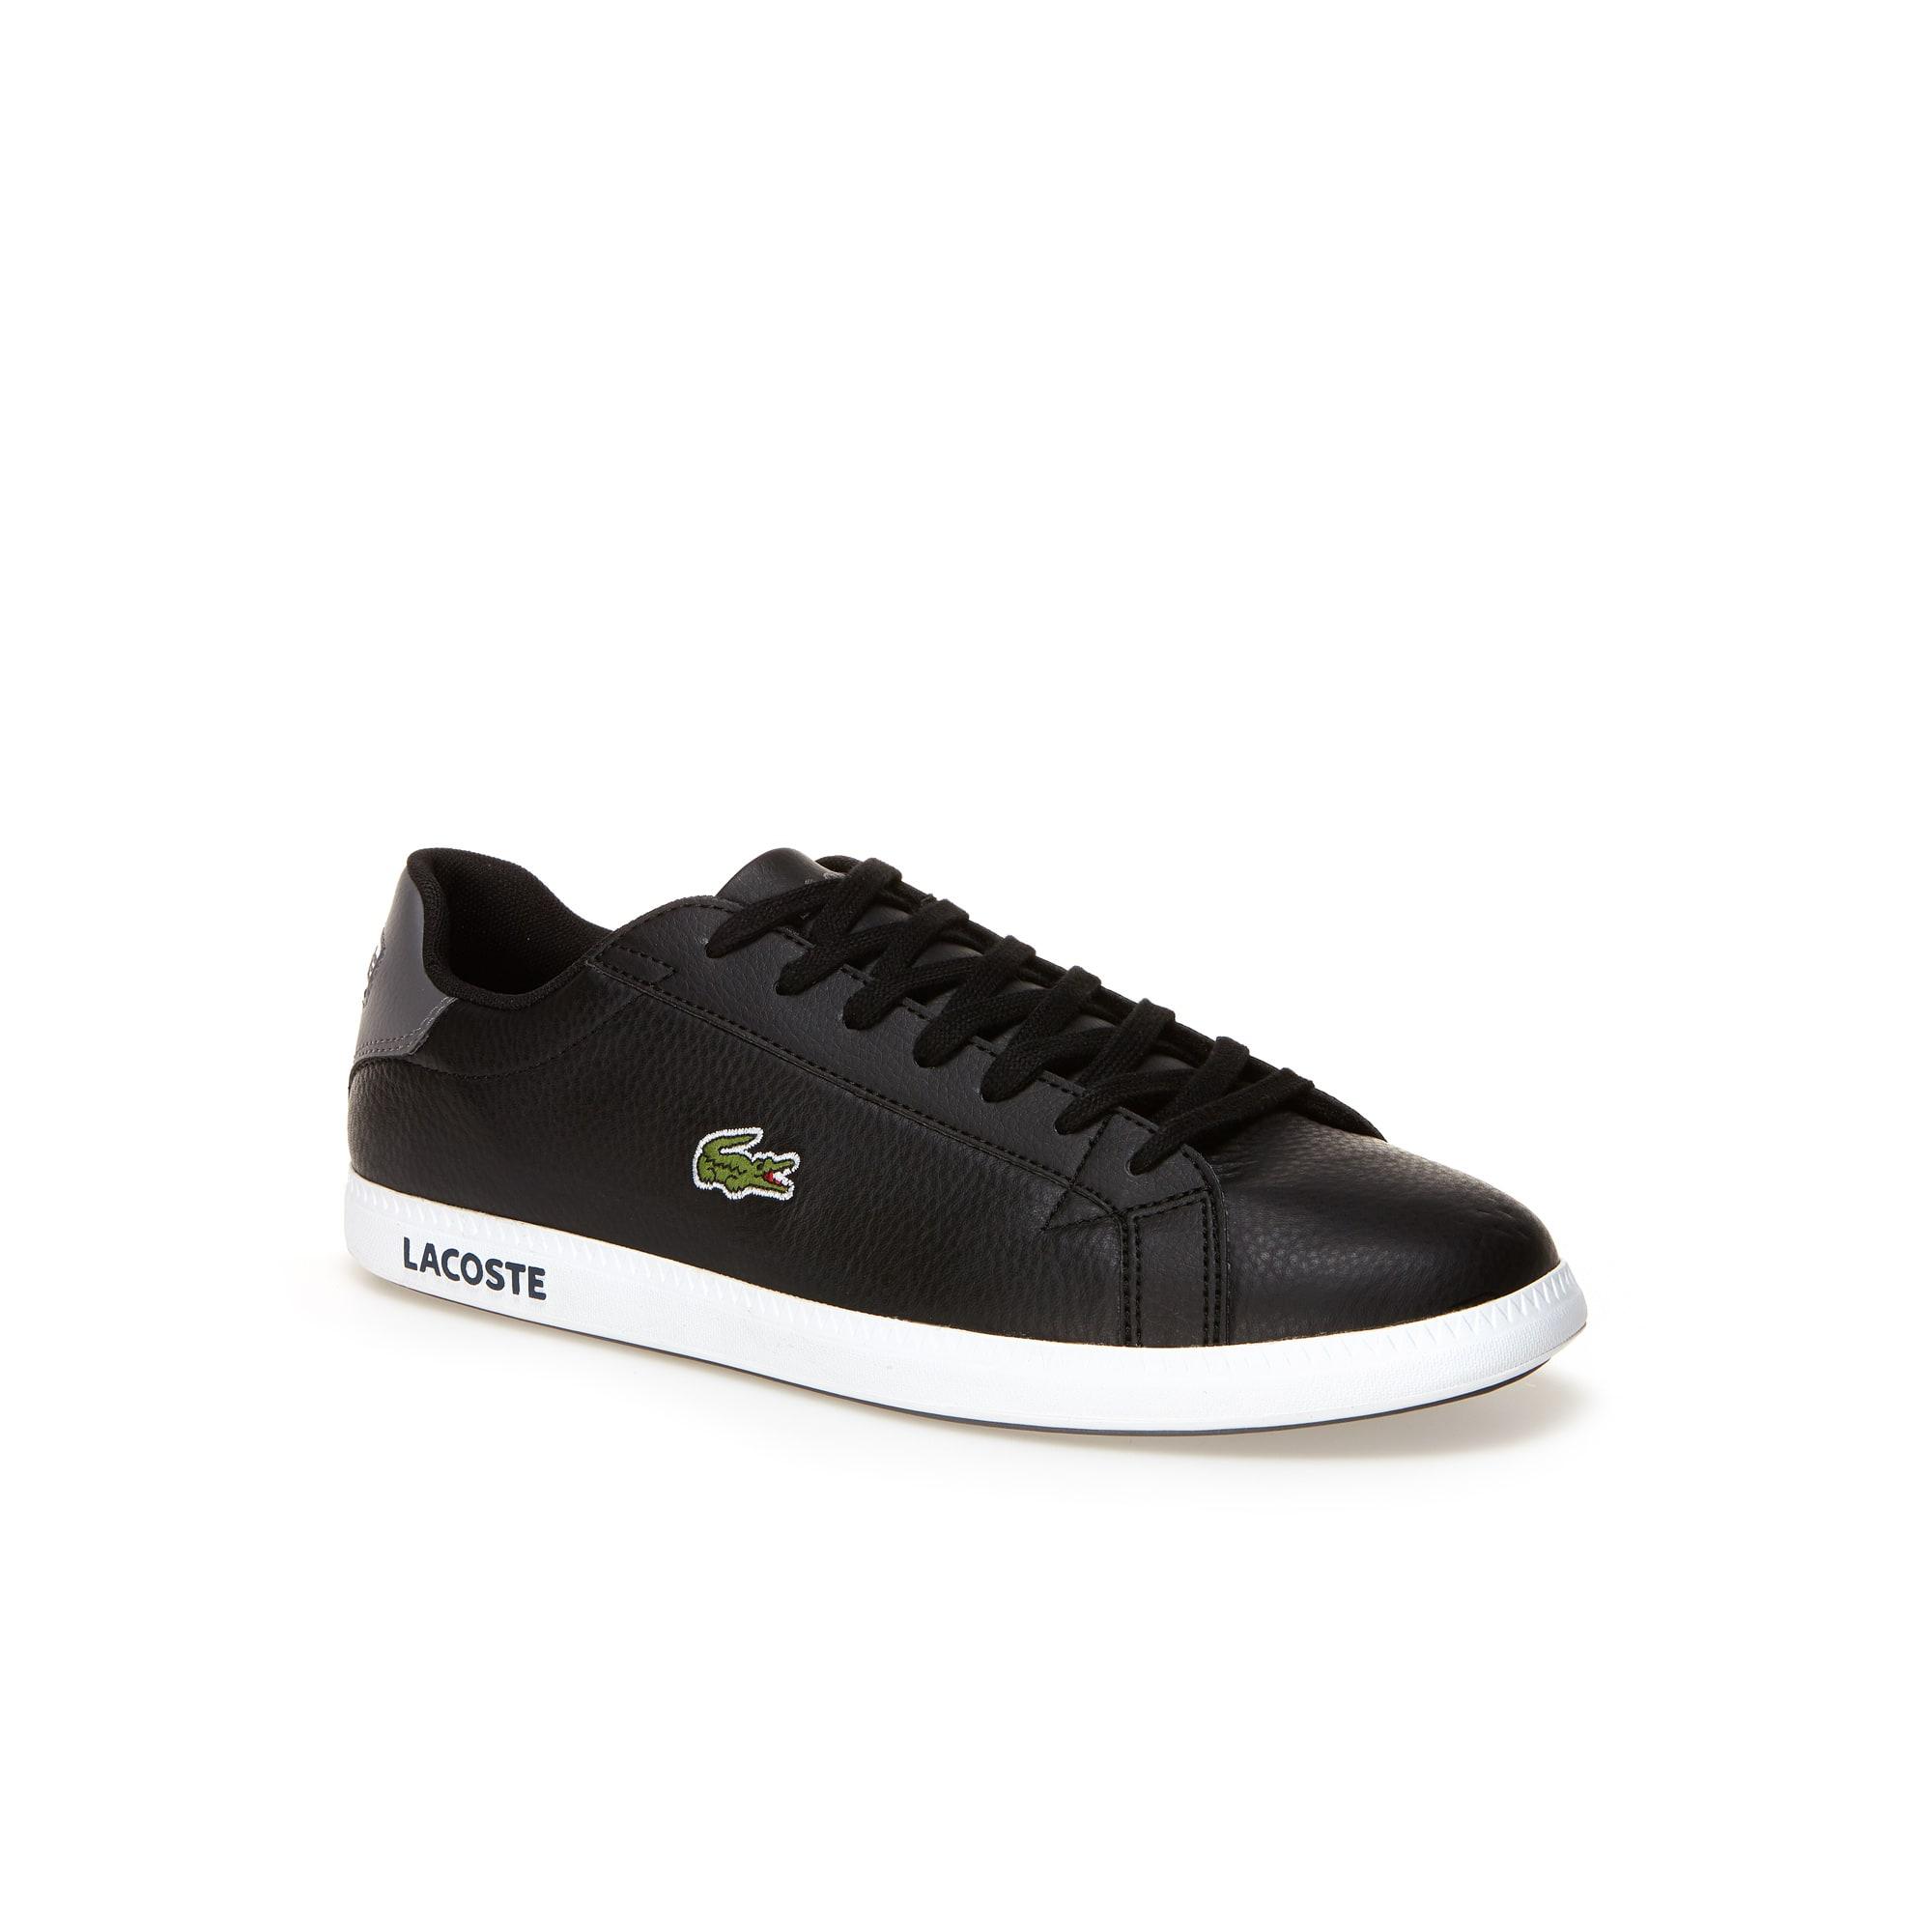 Sneaker Uomo Città Da Scarpe Stivali Lacoste qRwtE46 576b0e6f228